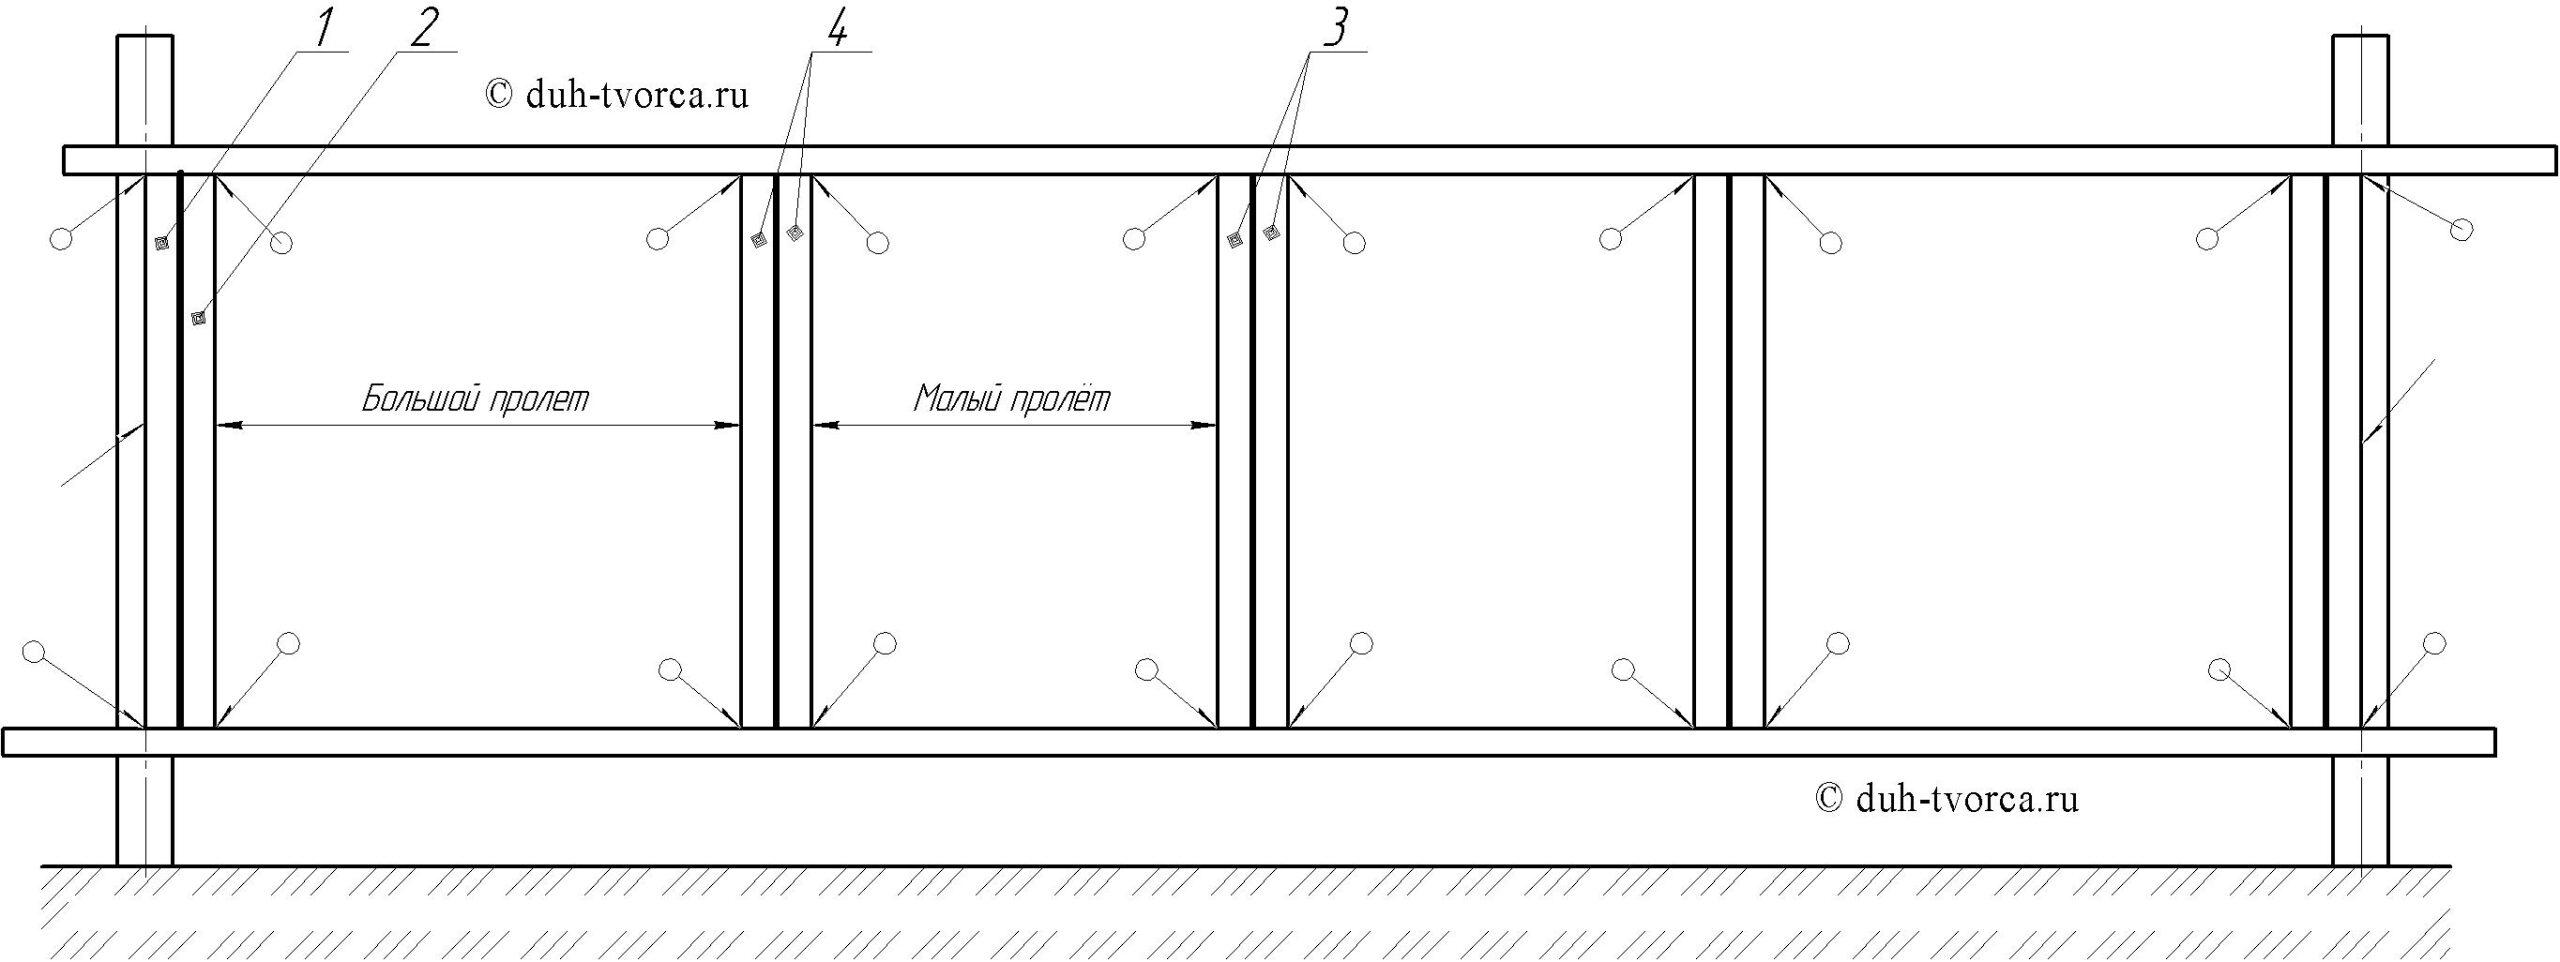 1- крайняя вертикальная стойка, 2 - смежная стойка, 3 - пара серединных стоек, 5 - пара промежуточных стоек. Половинной стрелкой обозначены места сварки по контуру.